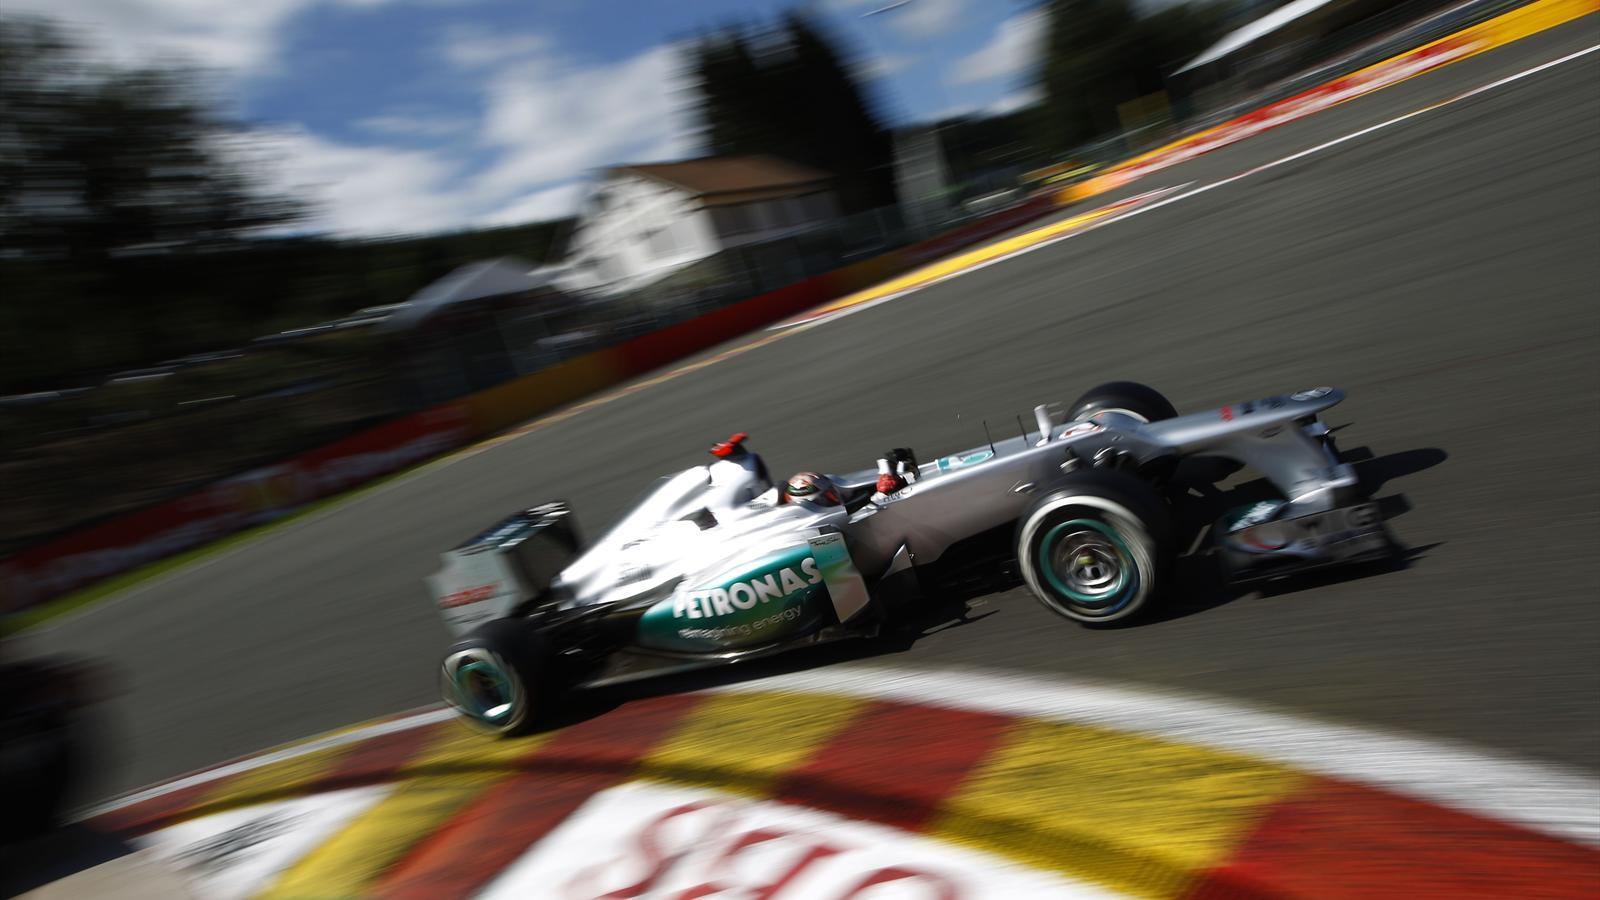 Michael schumacher la comp tition est plus serr e saison 2013 formule 1 eurosport - Formule vitesse de coupe ...